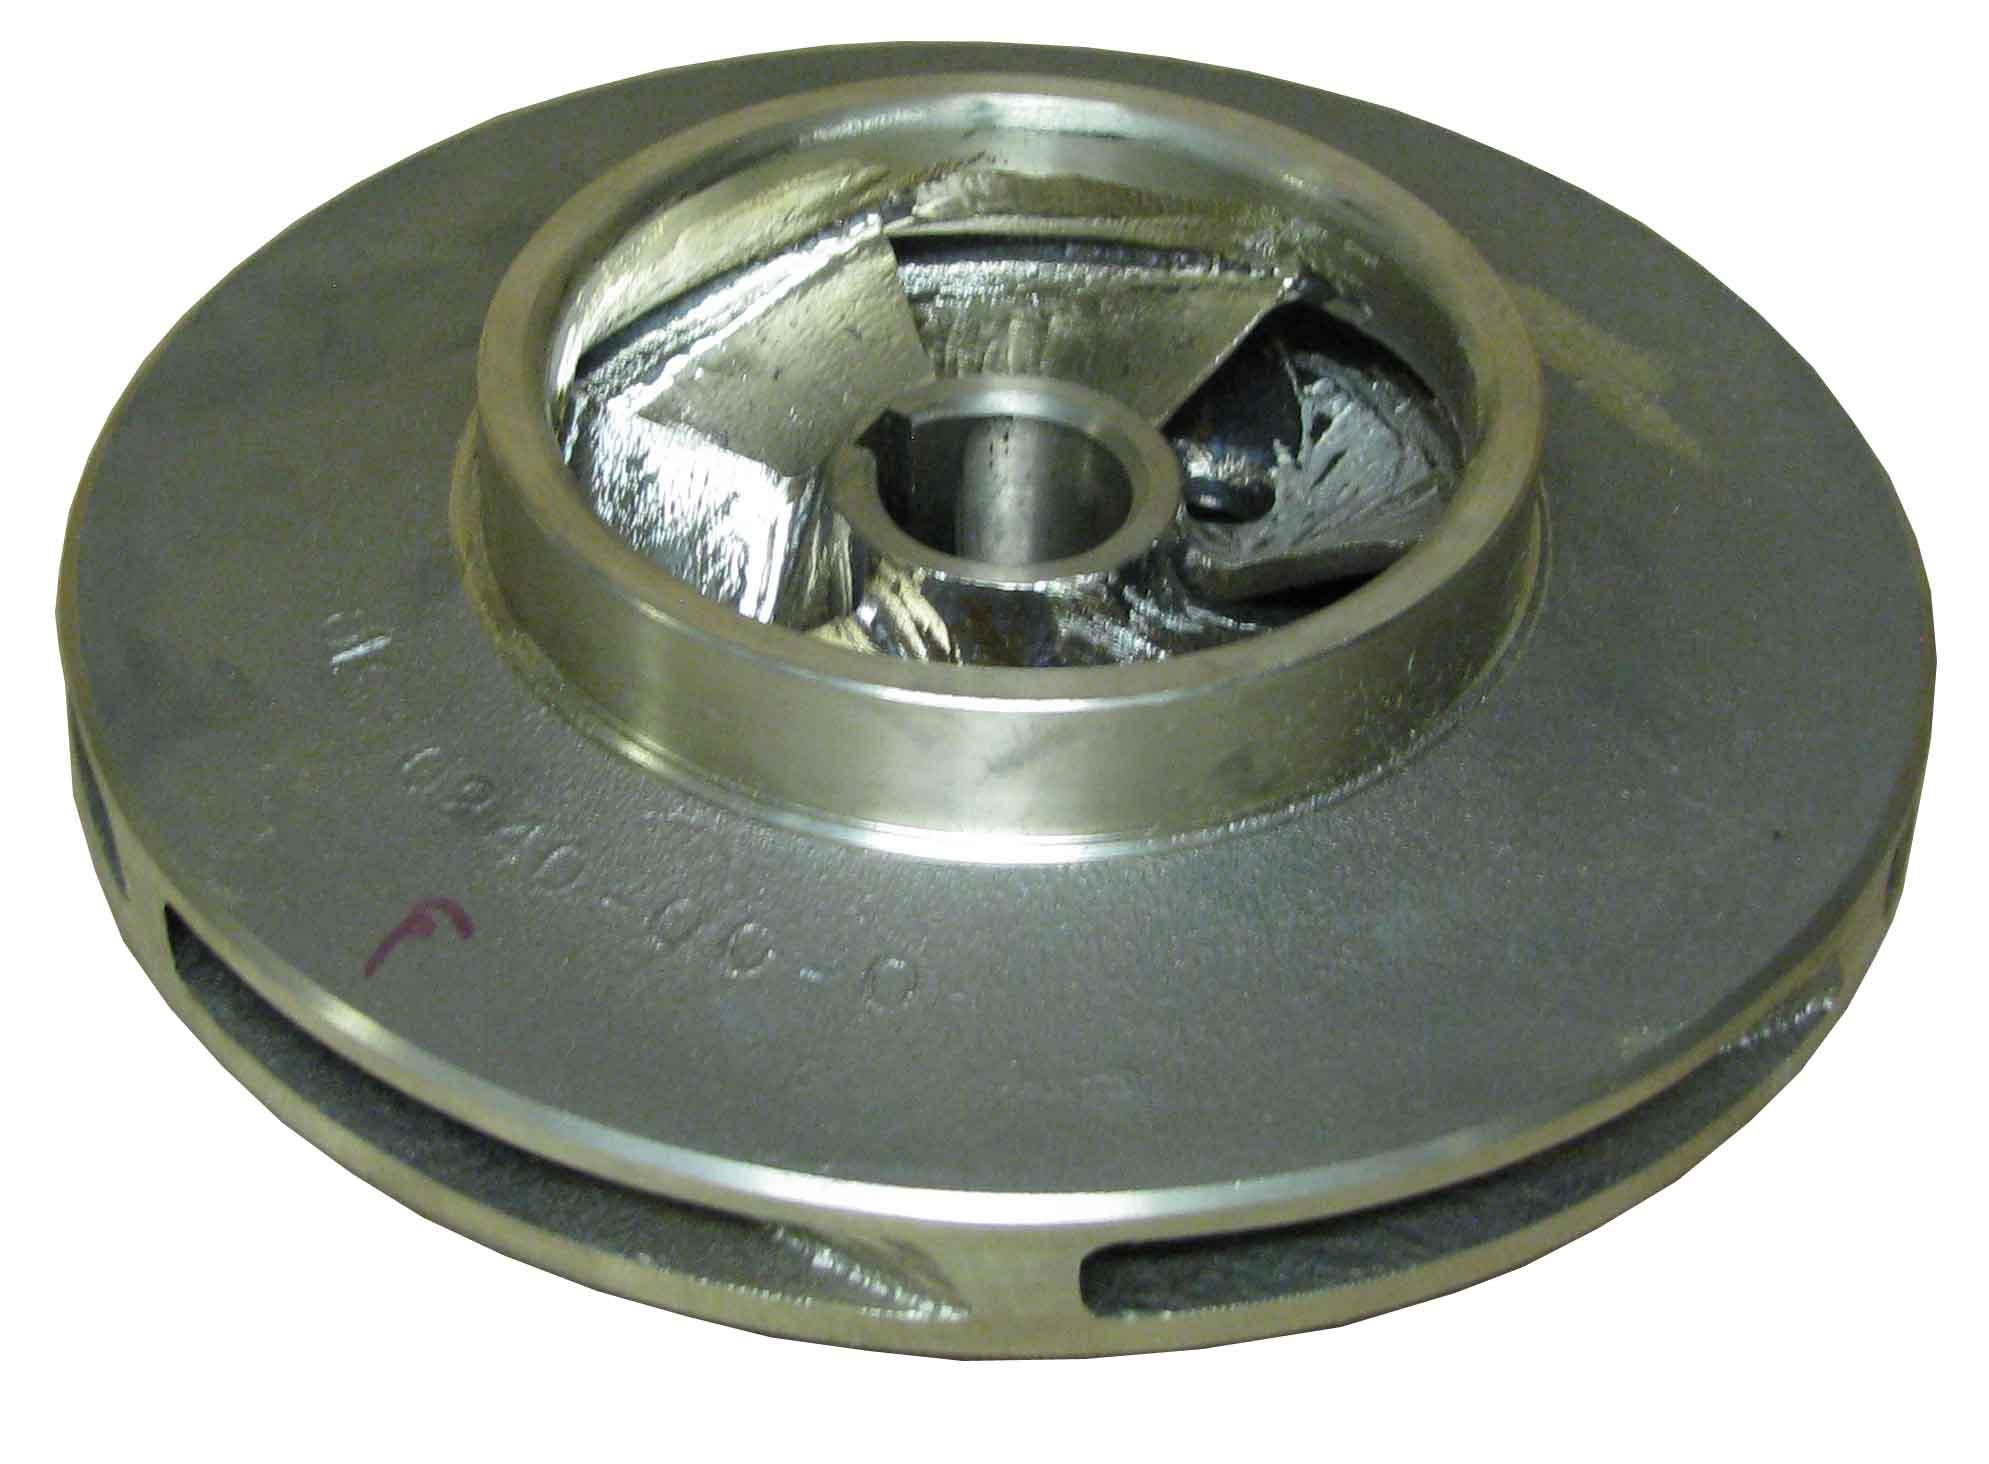 [Image: centrifugal-impeller.jpg]